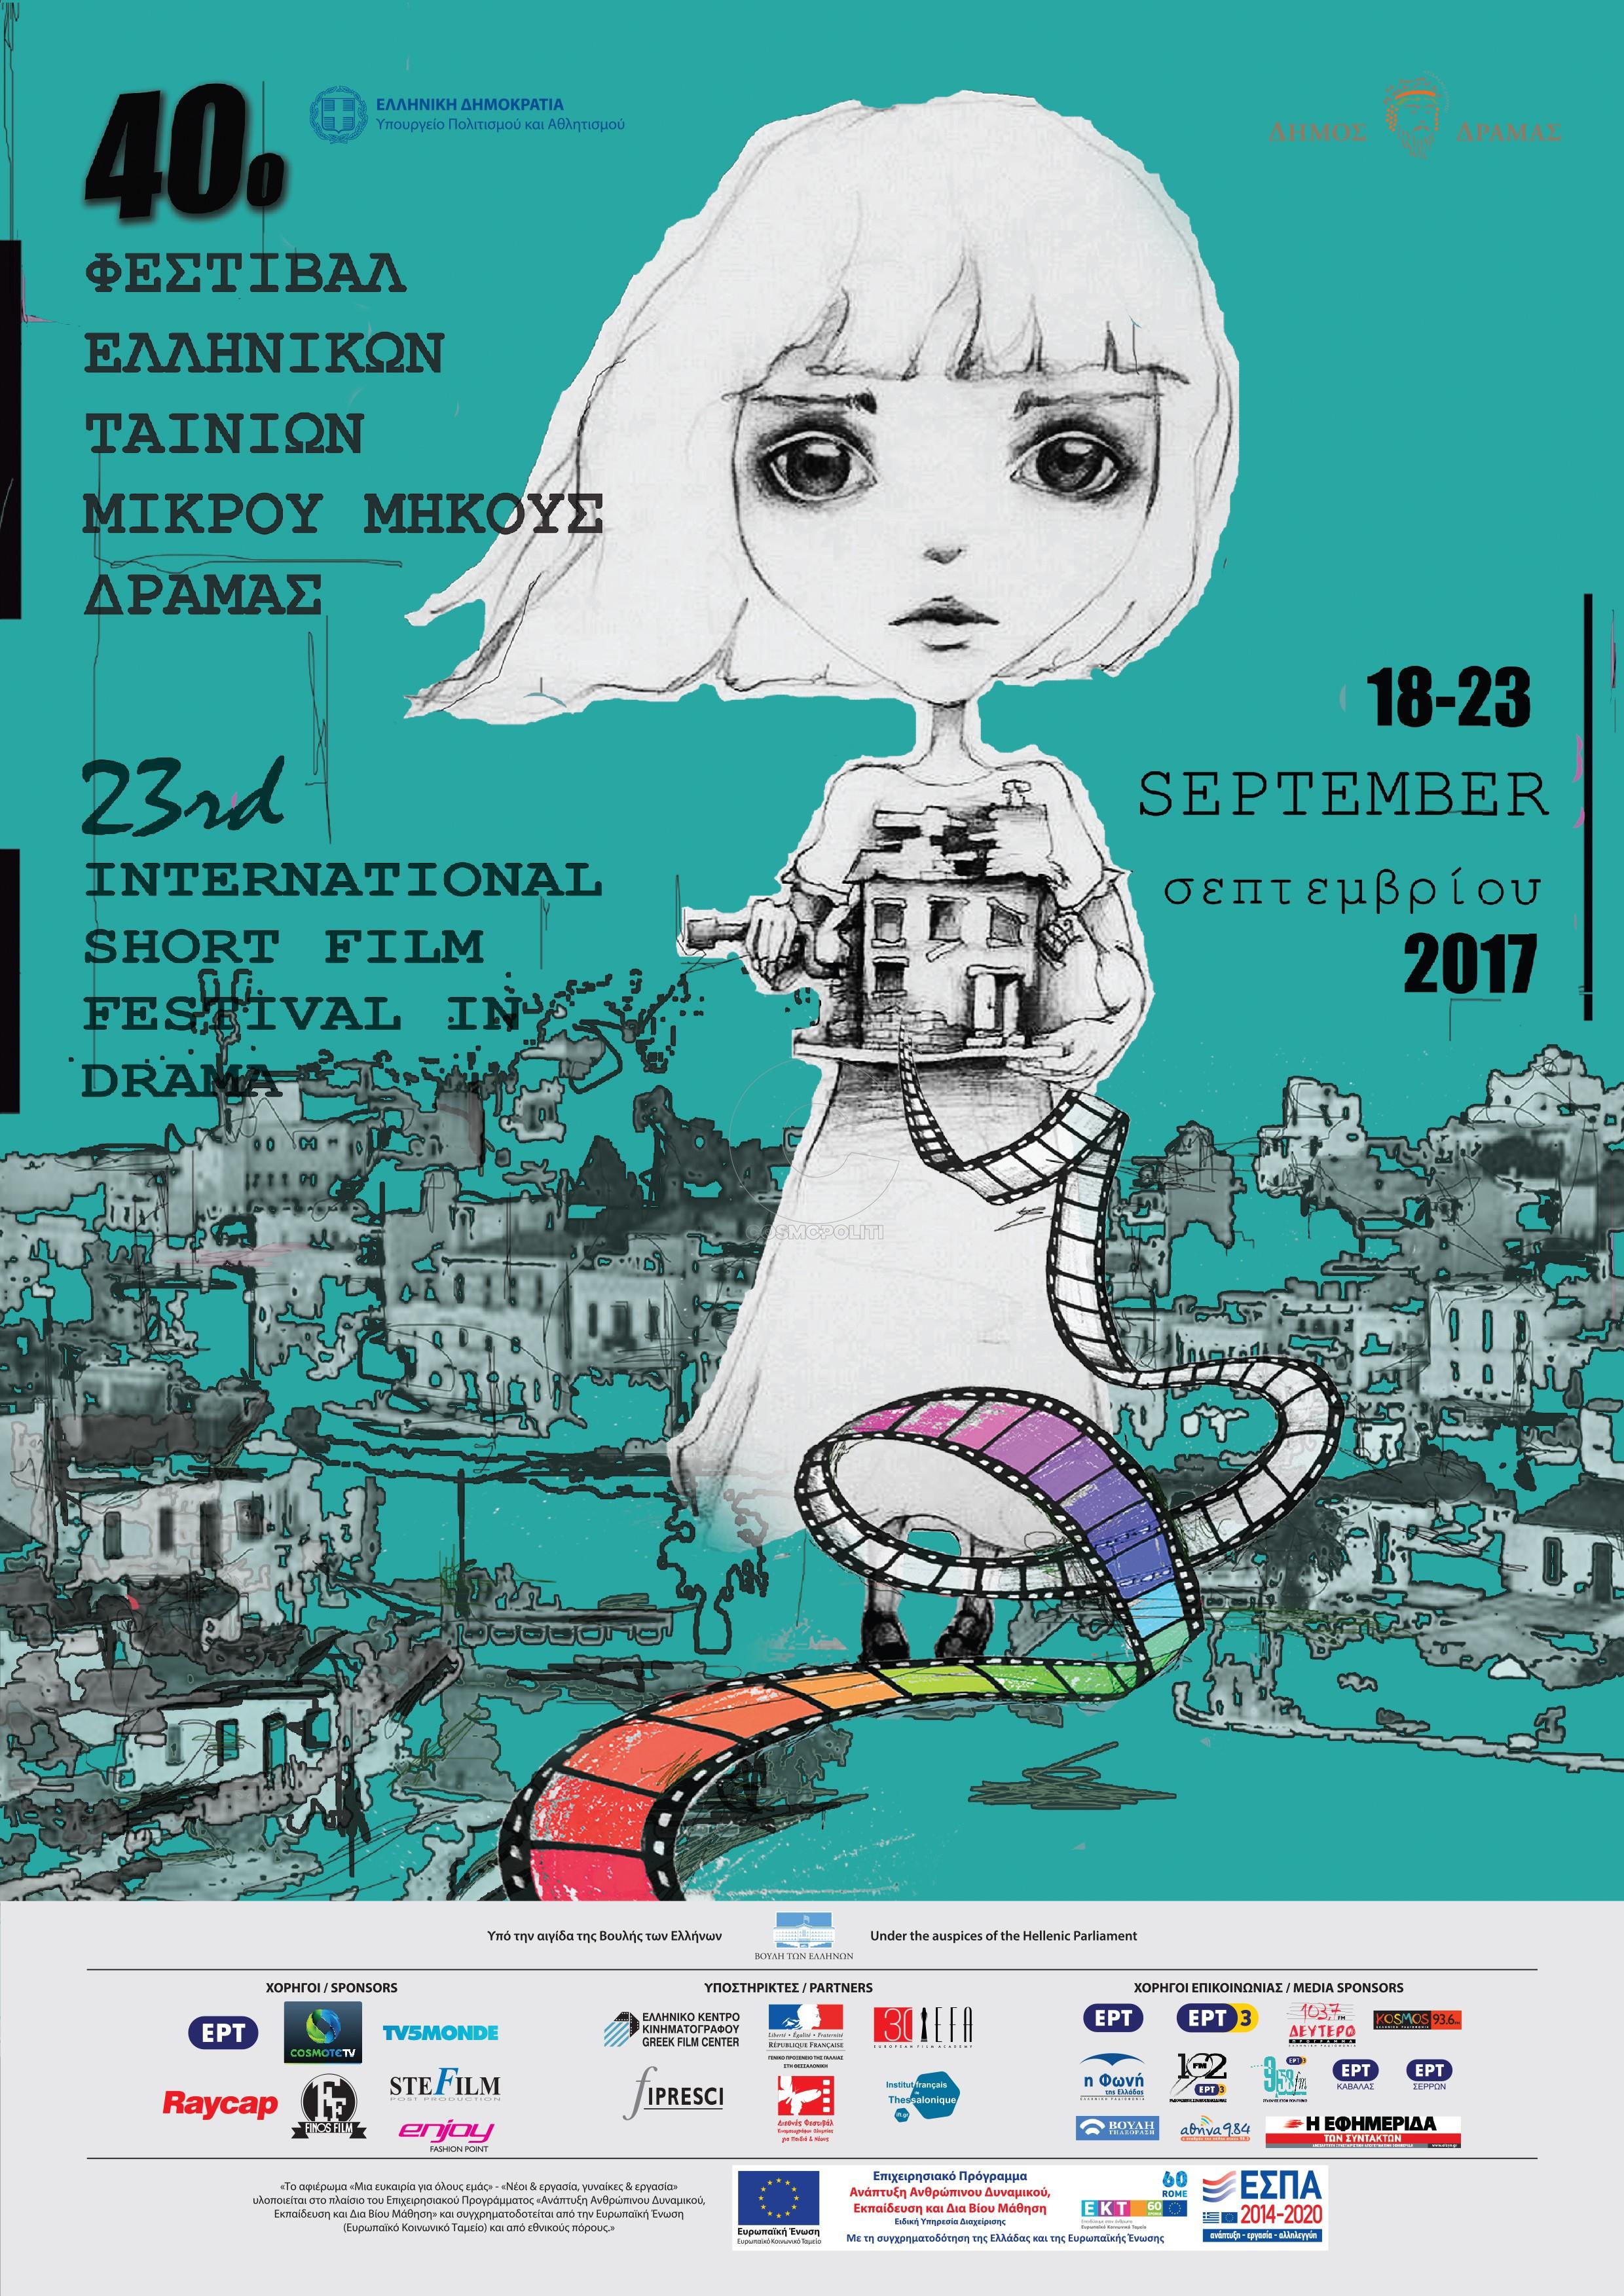 Φεστιβάλ Εξώφυλλο.cdr